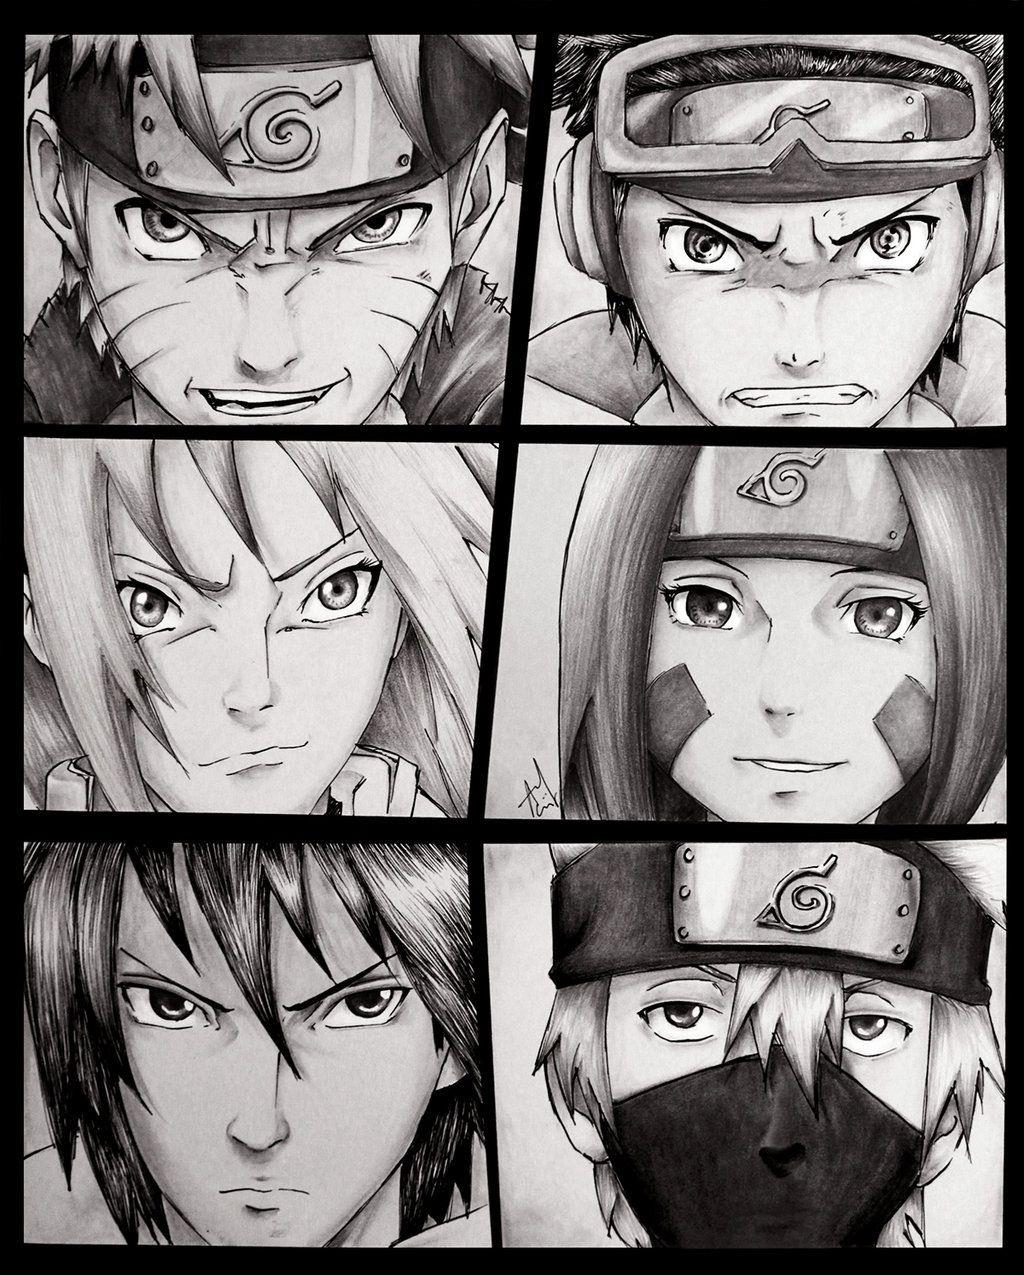 Naruto uzumake obito uchiha sakura haruno rin sasuke uchiha kakashi hatake